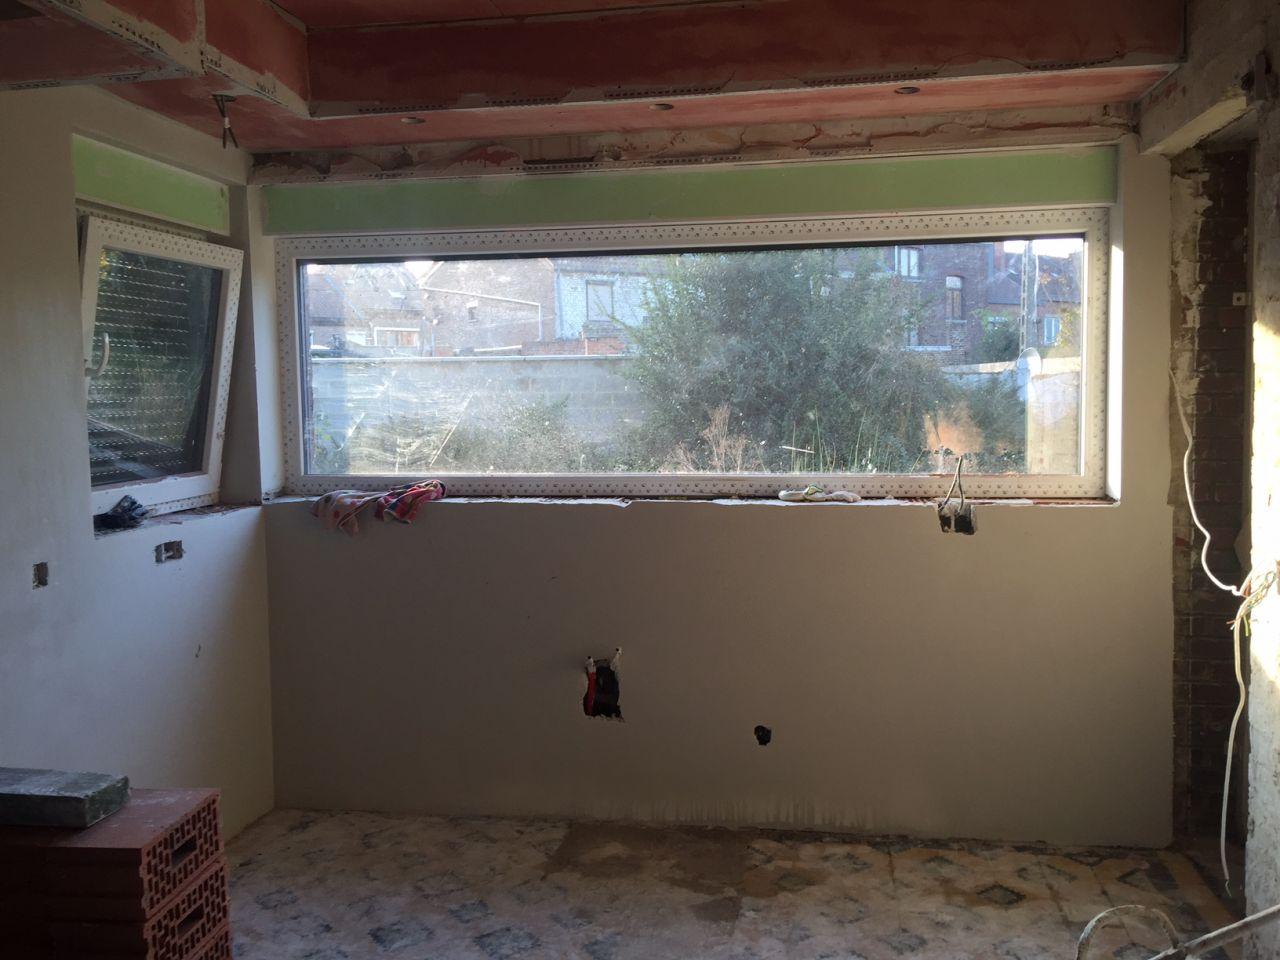 Le grand panoramique de la cuisine sous lequel se trouvera l'évier